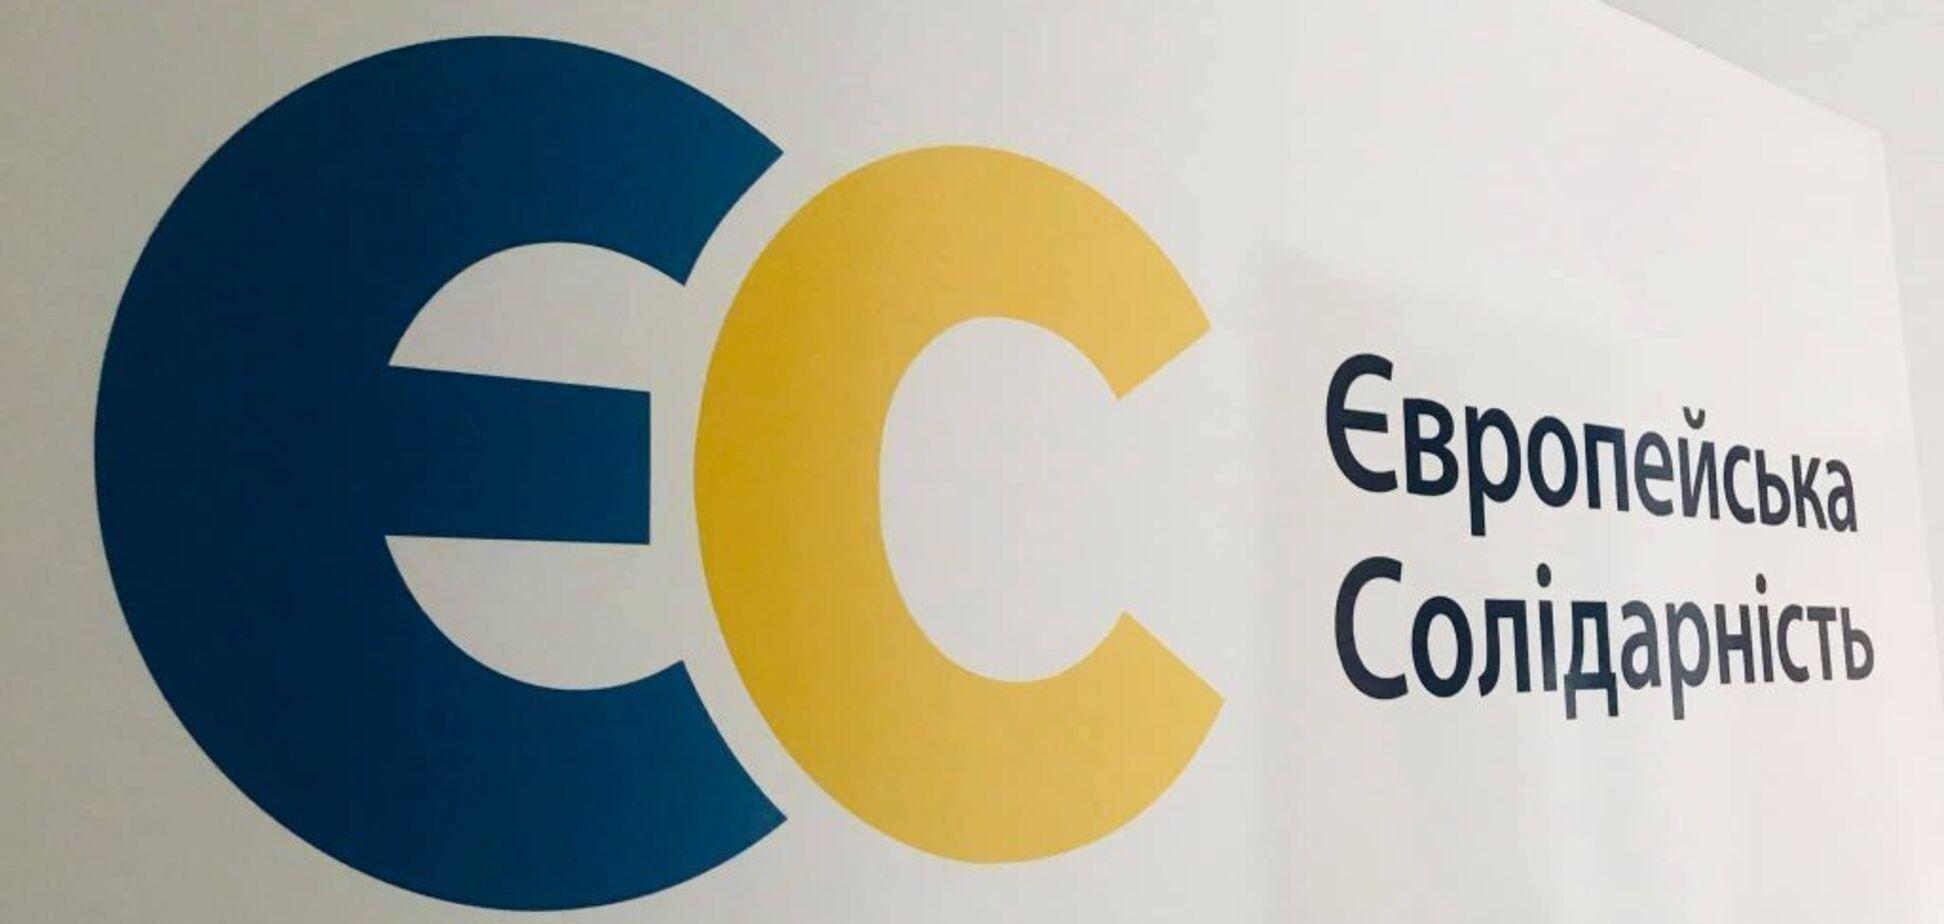 У Кременчуцівідмовили у реєстрації кандидатам від 'Євросолідарності': партія звертатиметься до суду